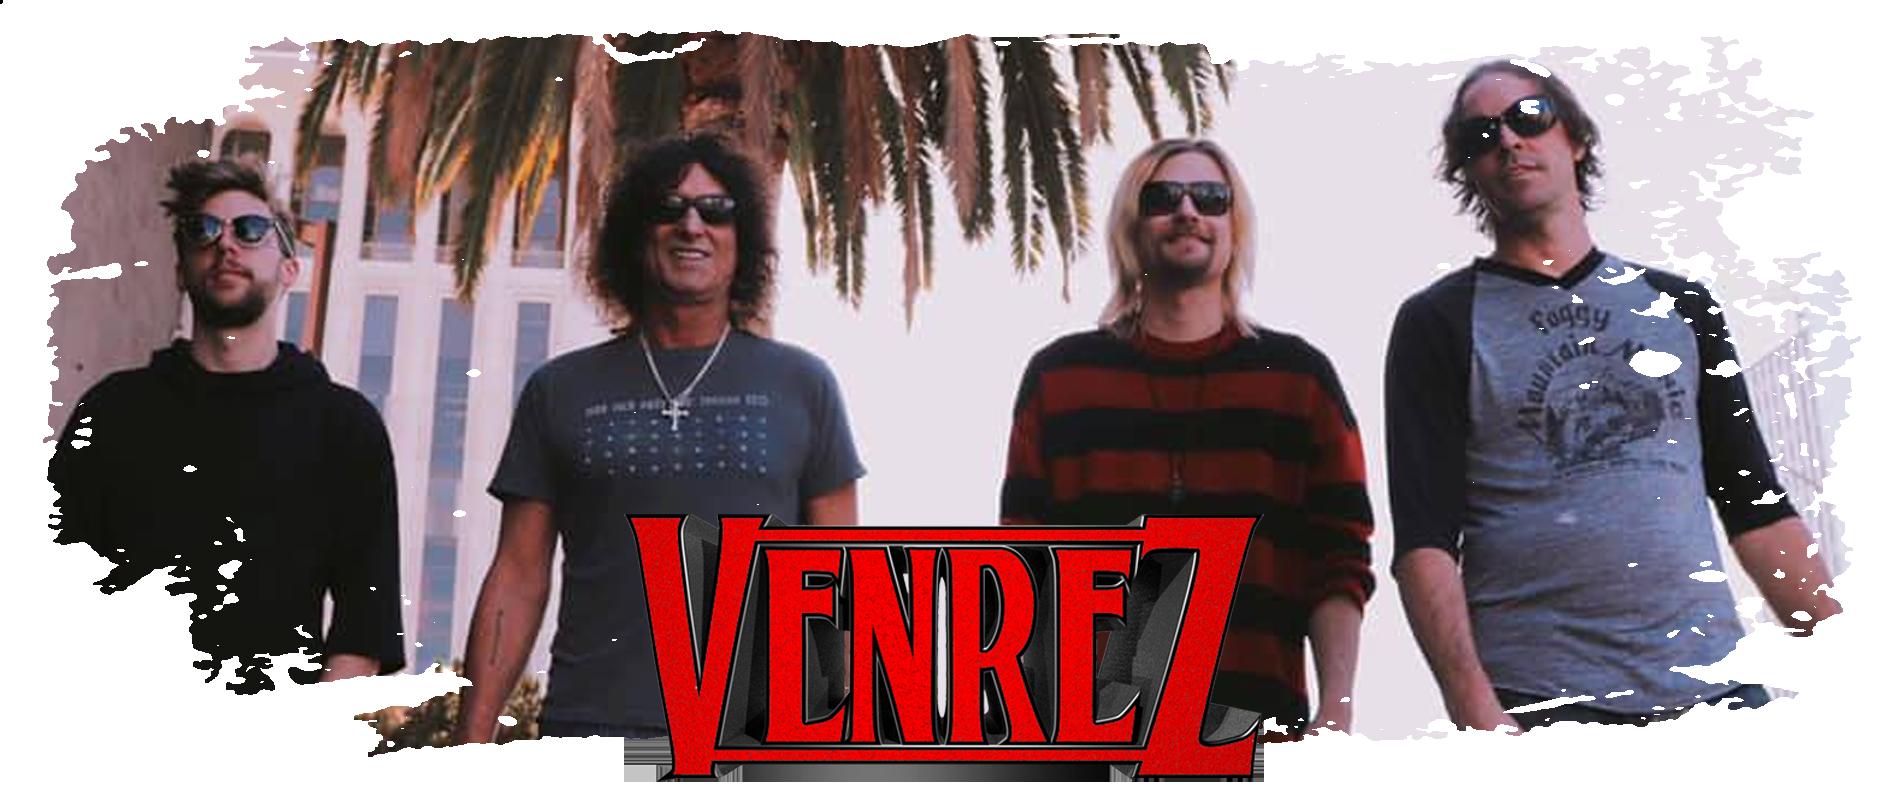 VENREZTHEBAND.COM